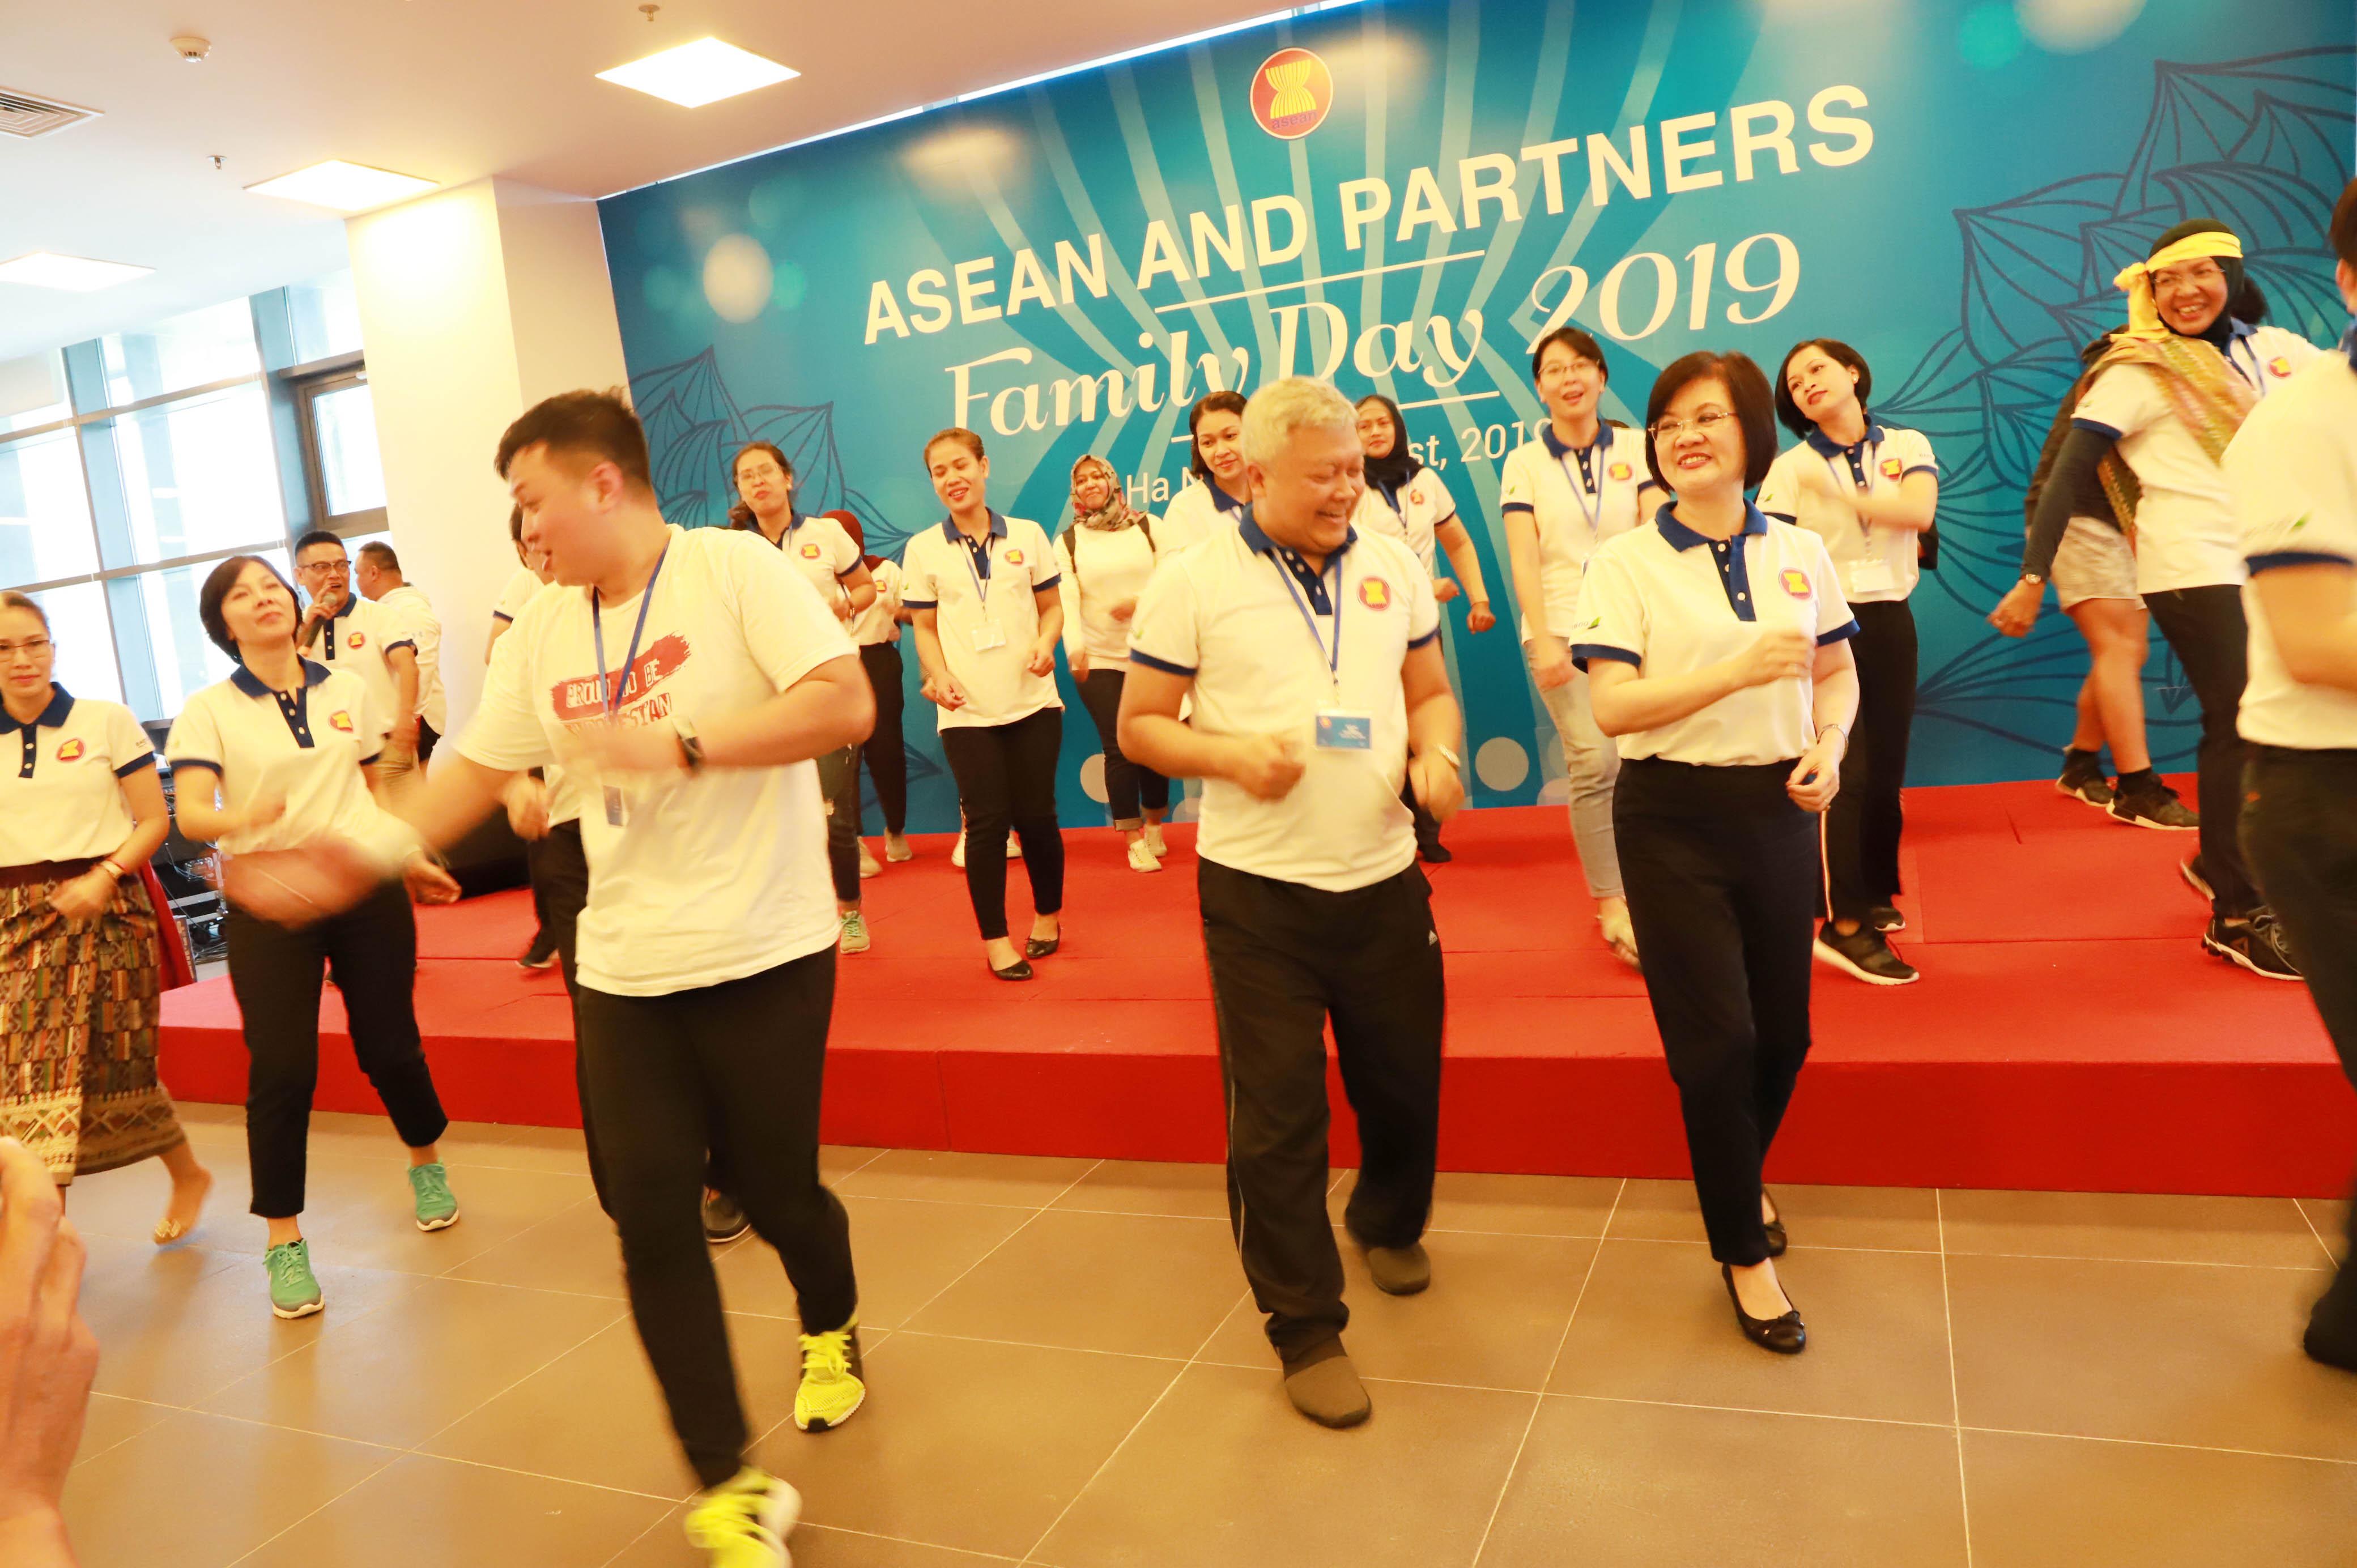 """200 người, trong đó có các Đại sứ, Đại biện, phu nhân, phu quân và cán bộ, nhân viên Đại Sứ quán các nước ASEAN và các đối tác ASEAN tại Hà Nội cùng gia đình đã tham gia cuộc """"đạp xe Hữu nghị"""" từ Trụ sở chính của Bộ Ngoại giao, Số 1 Tôn Thất Đàm tới Toà nhà làm việc mới tại Số 2 Lê Quang Đạo."""